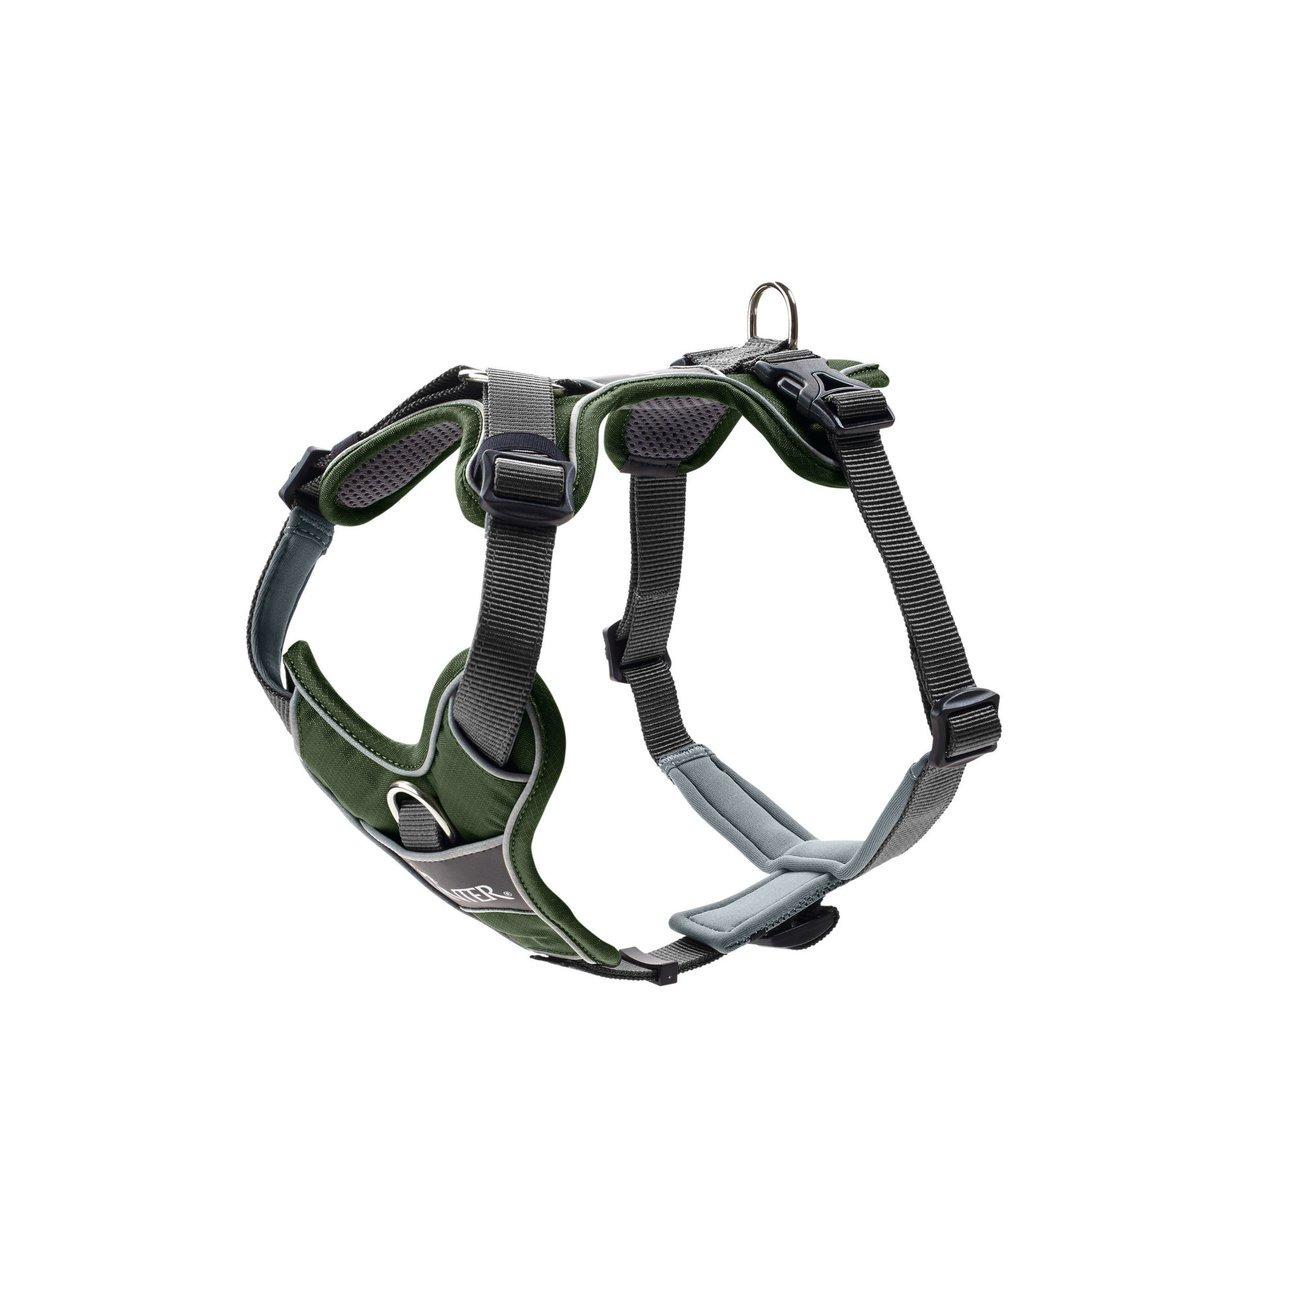 Hunter Hundegeschirr Divo, Gr. S-M: Hals 30-42 cm, Bauch 52-68 cm, grün/grau